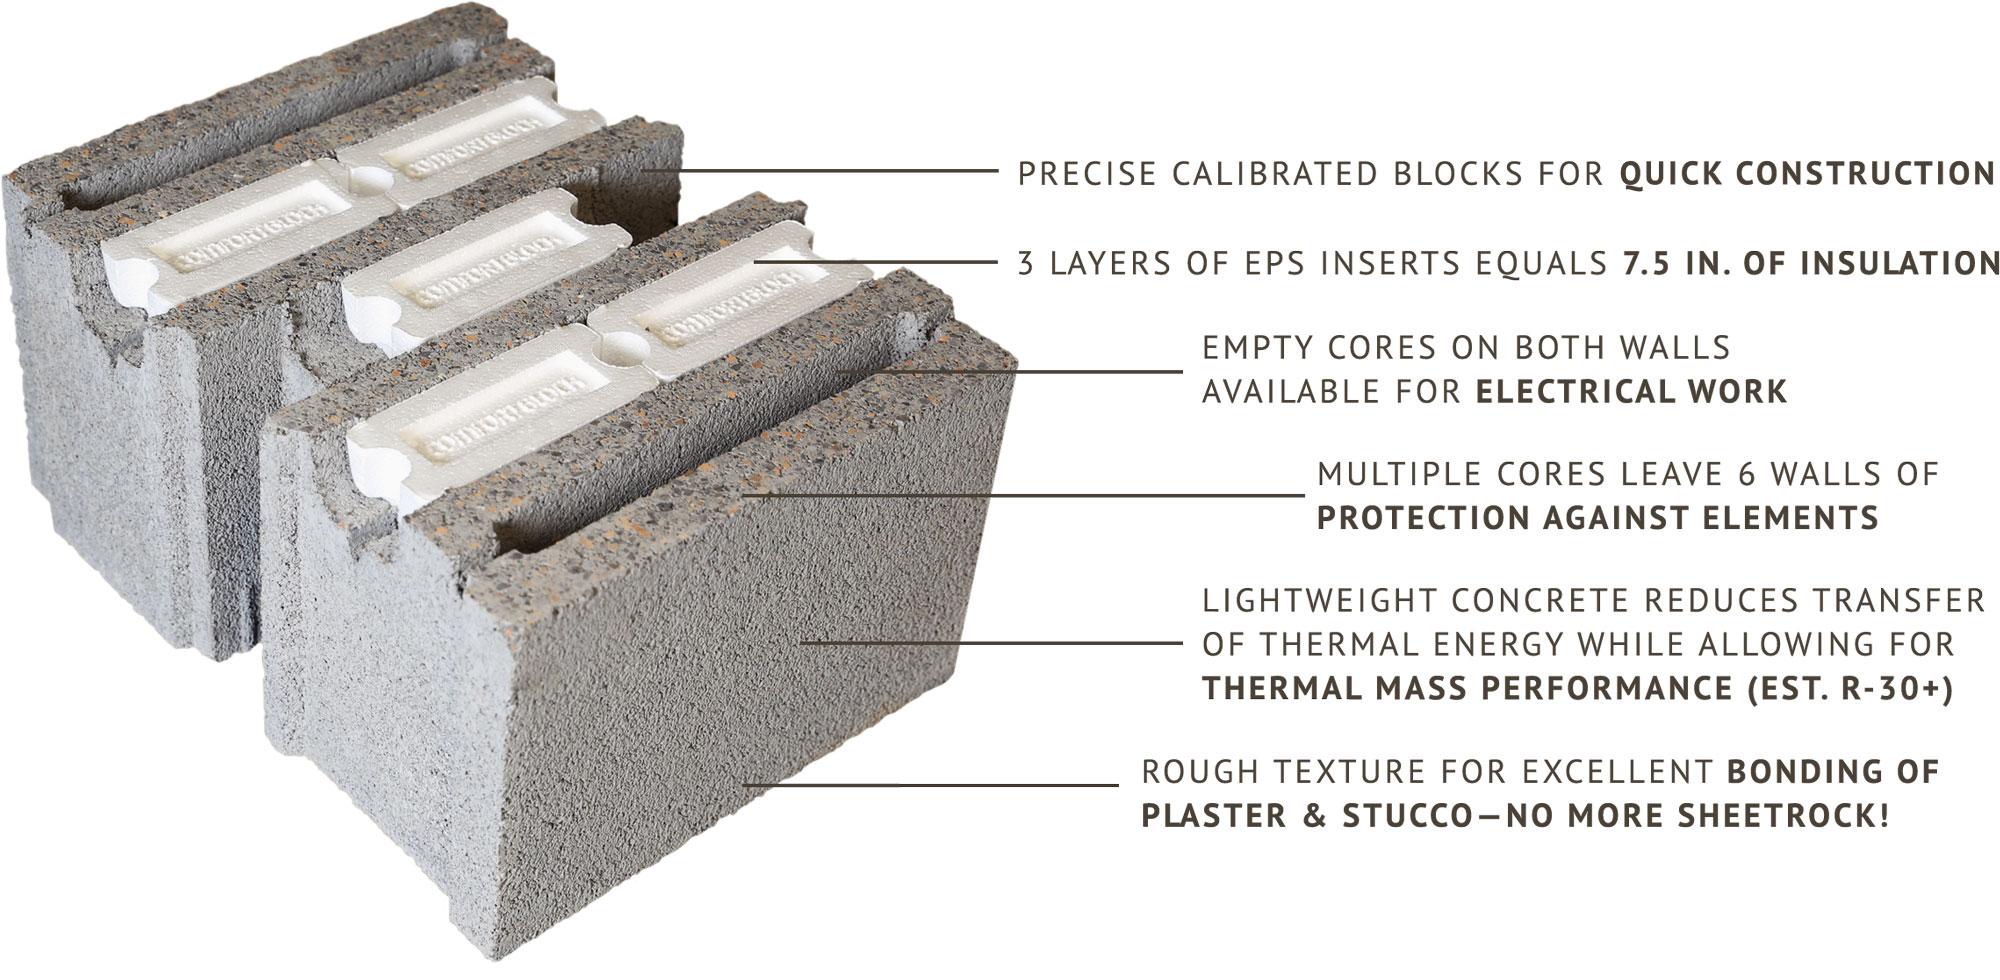 Concrete Block Wall System Concrete Construction